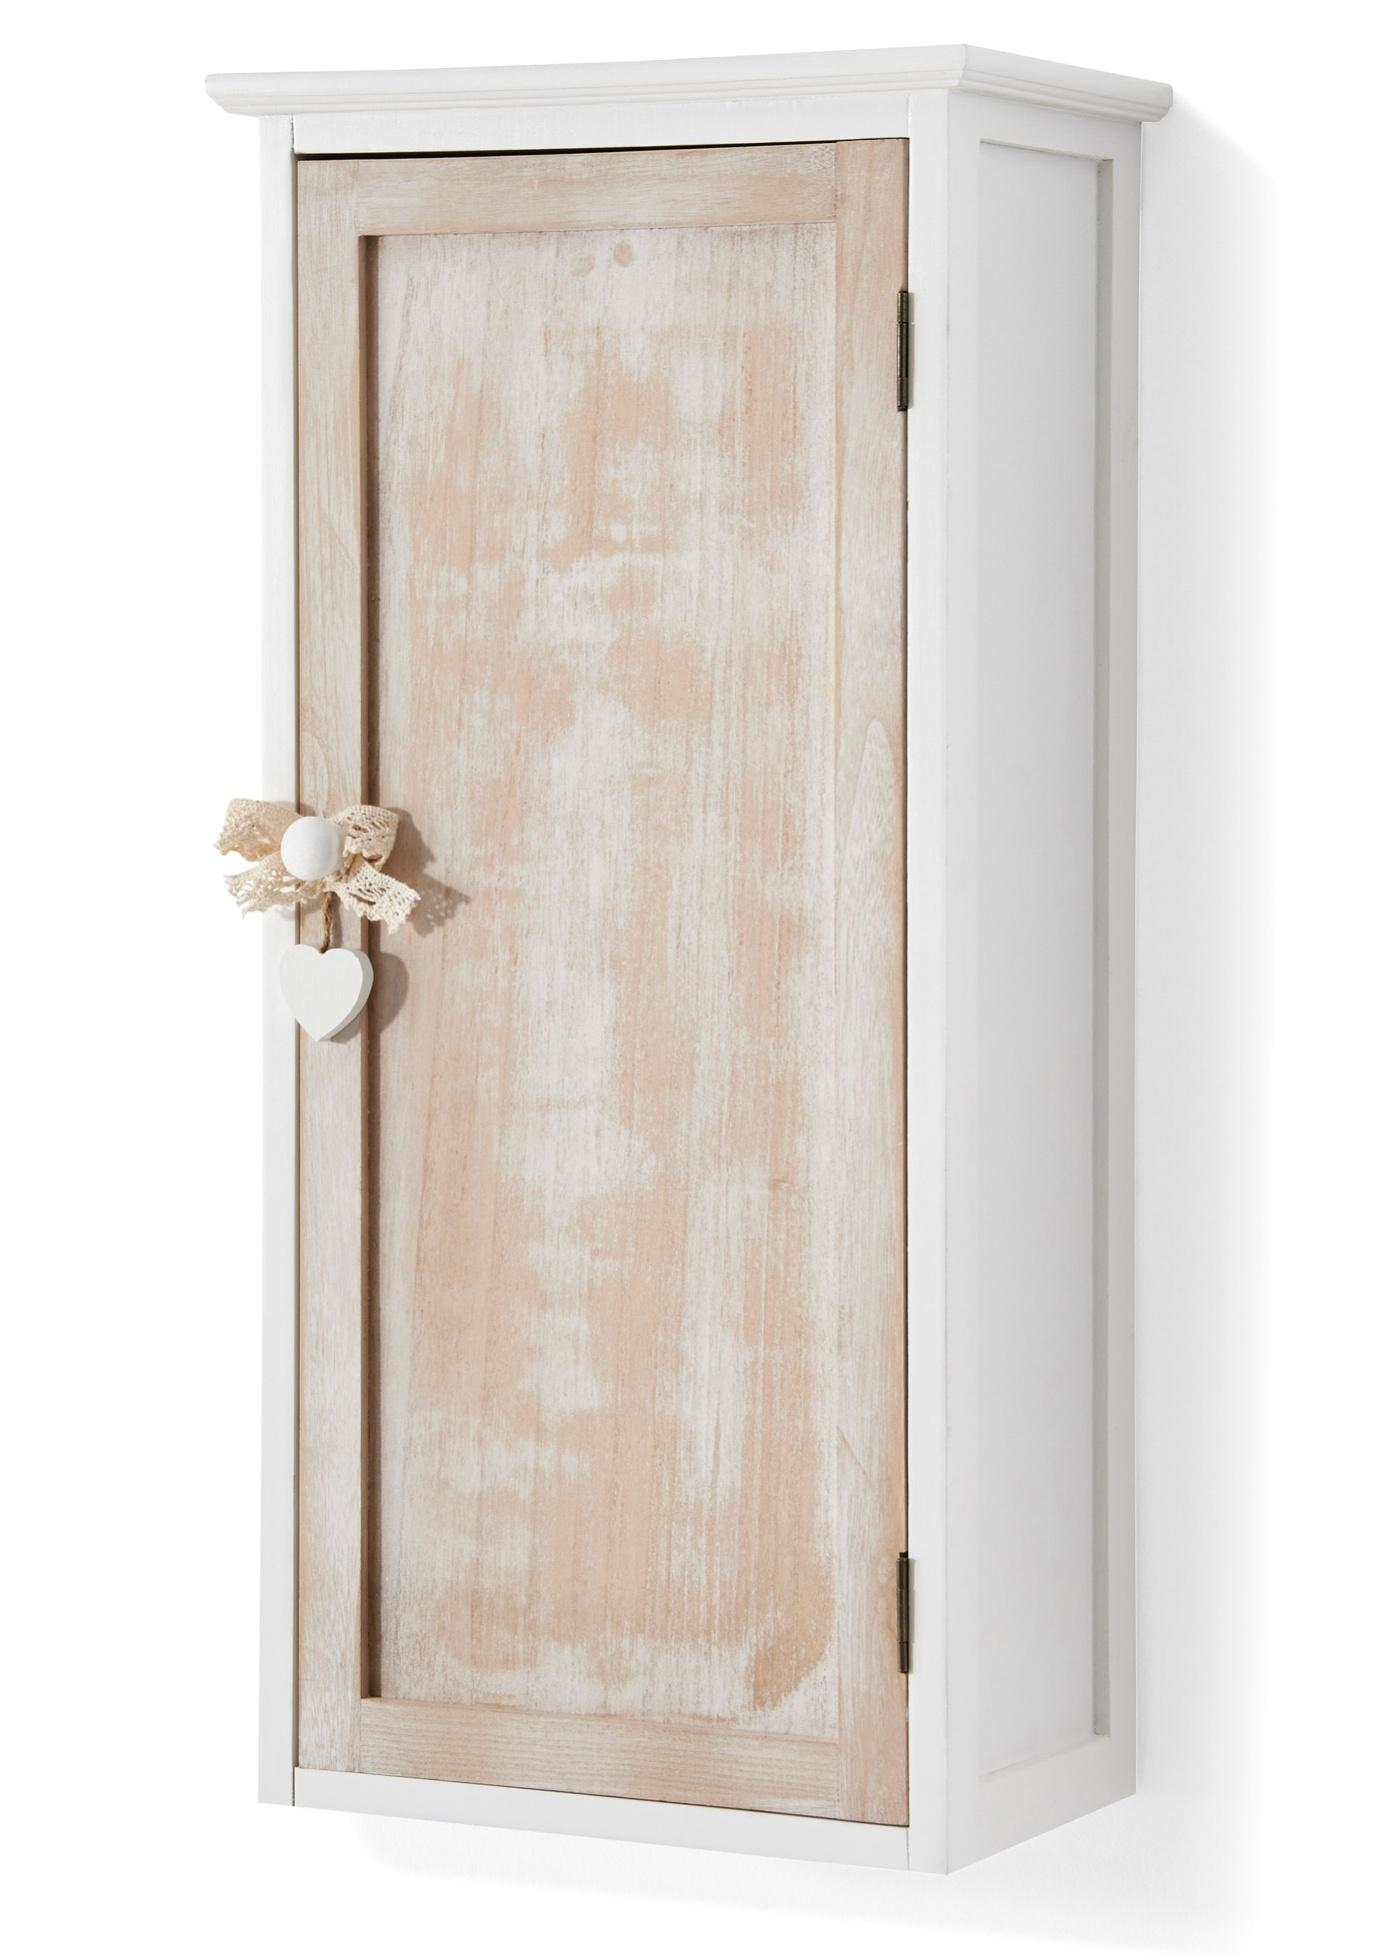 """Armoire murale. La porte ouvre sur une tablette réglable. Poignée dotée d""""un cœur en bois. Article livré monté. Matériel de montage mural non fourni."""